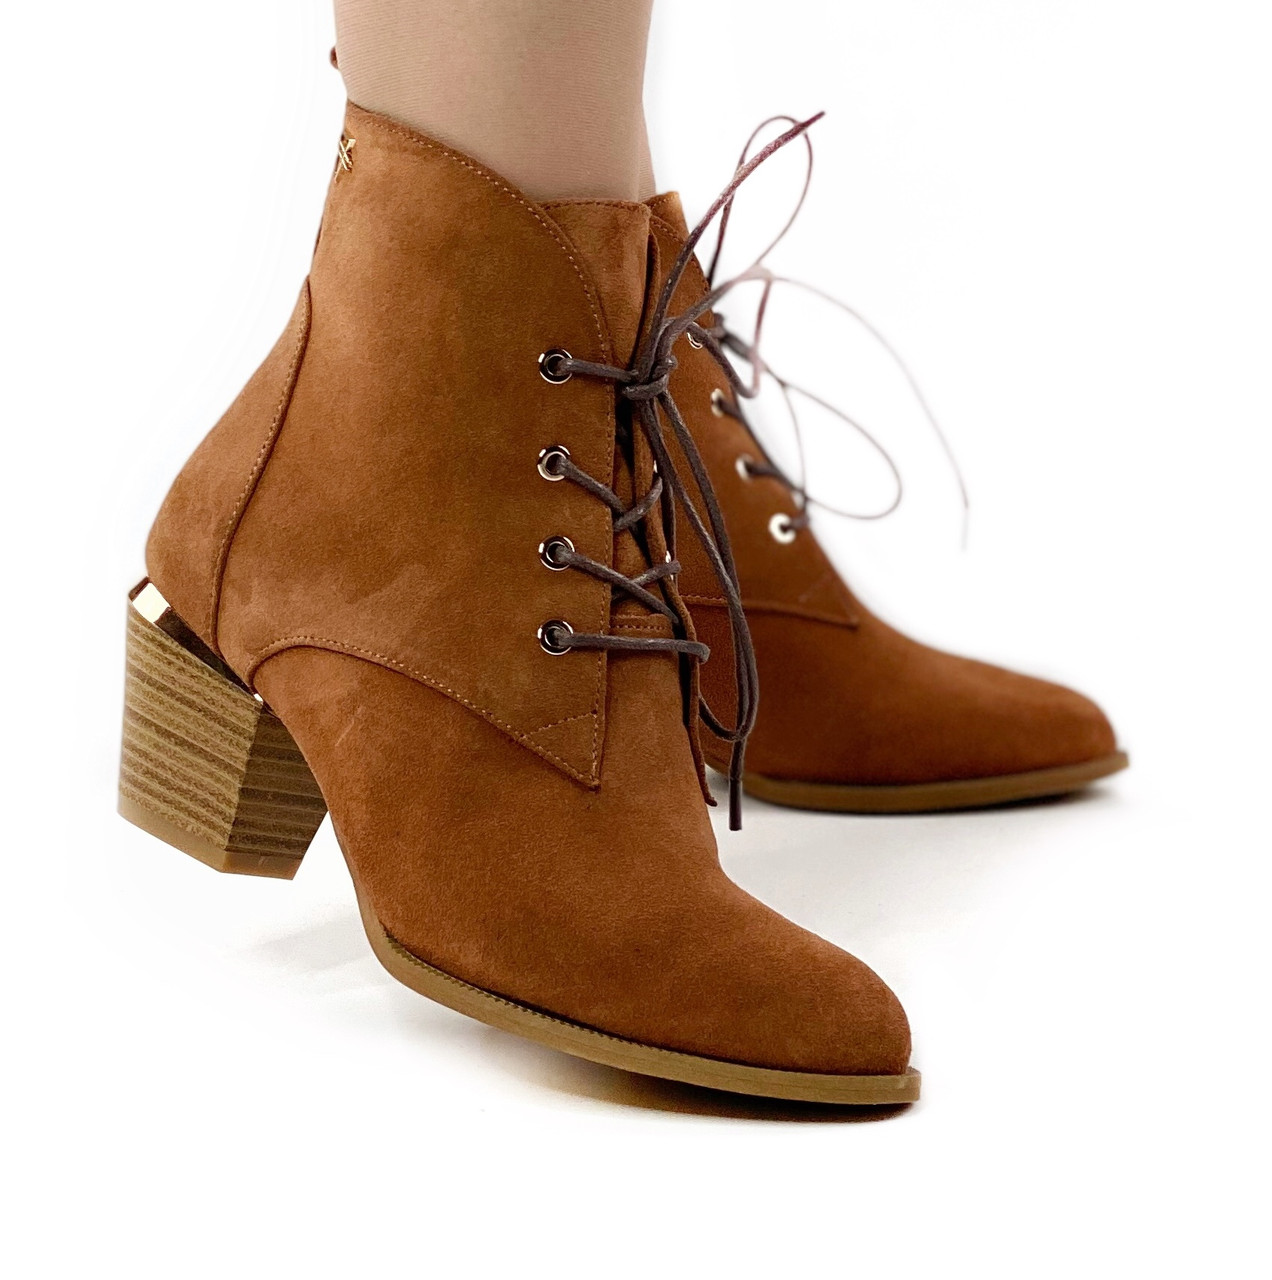 Черевики жіночі замшеві руді на шнурках і невисокому каблуці MORENTO (весна-осінь)